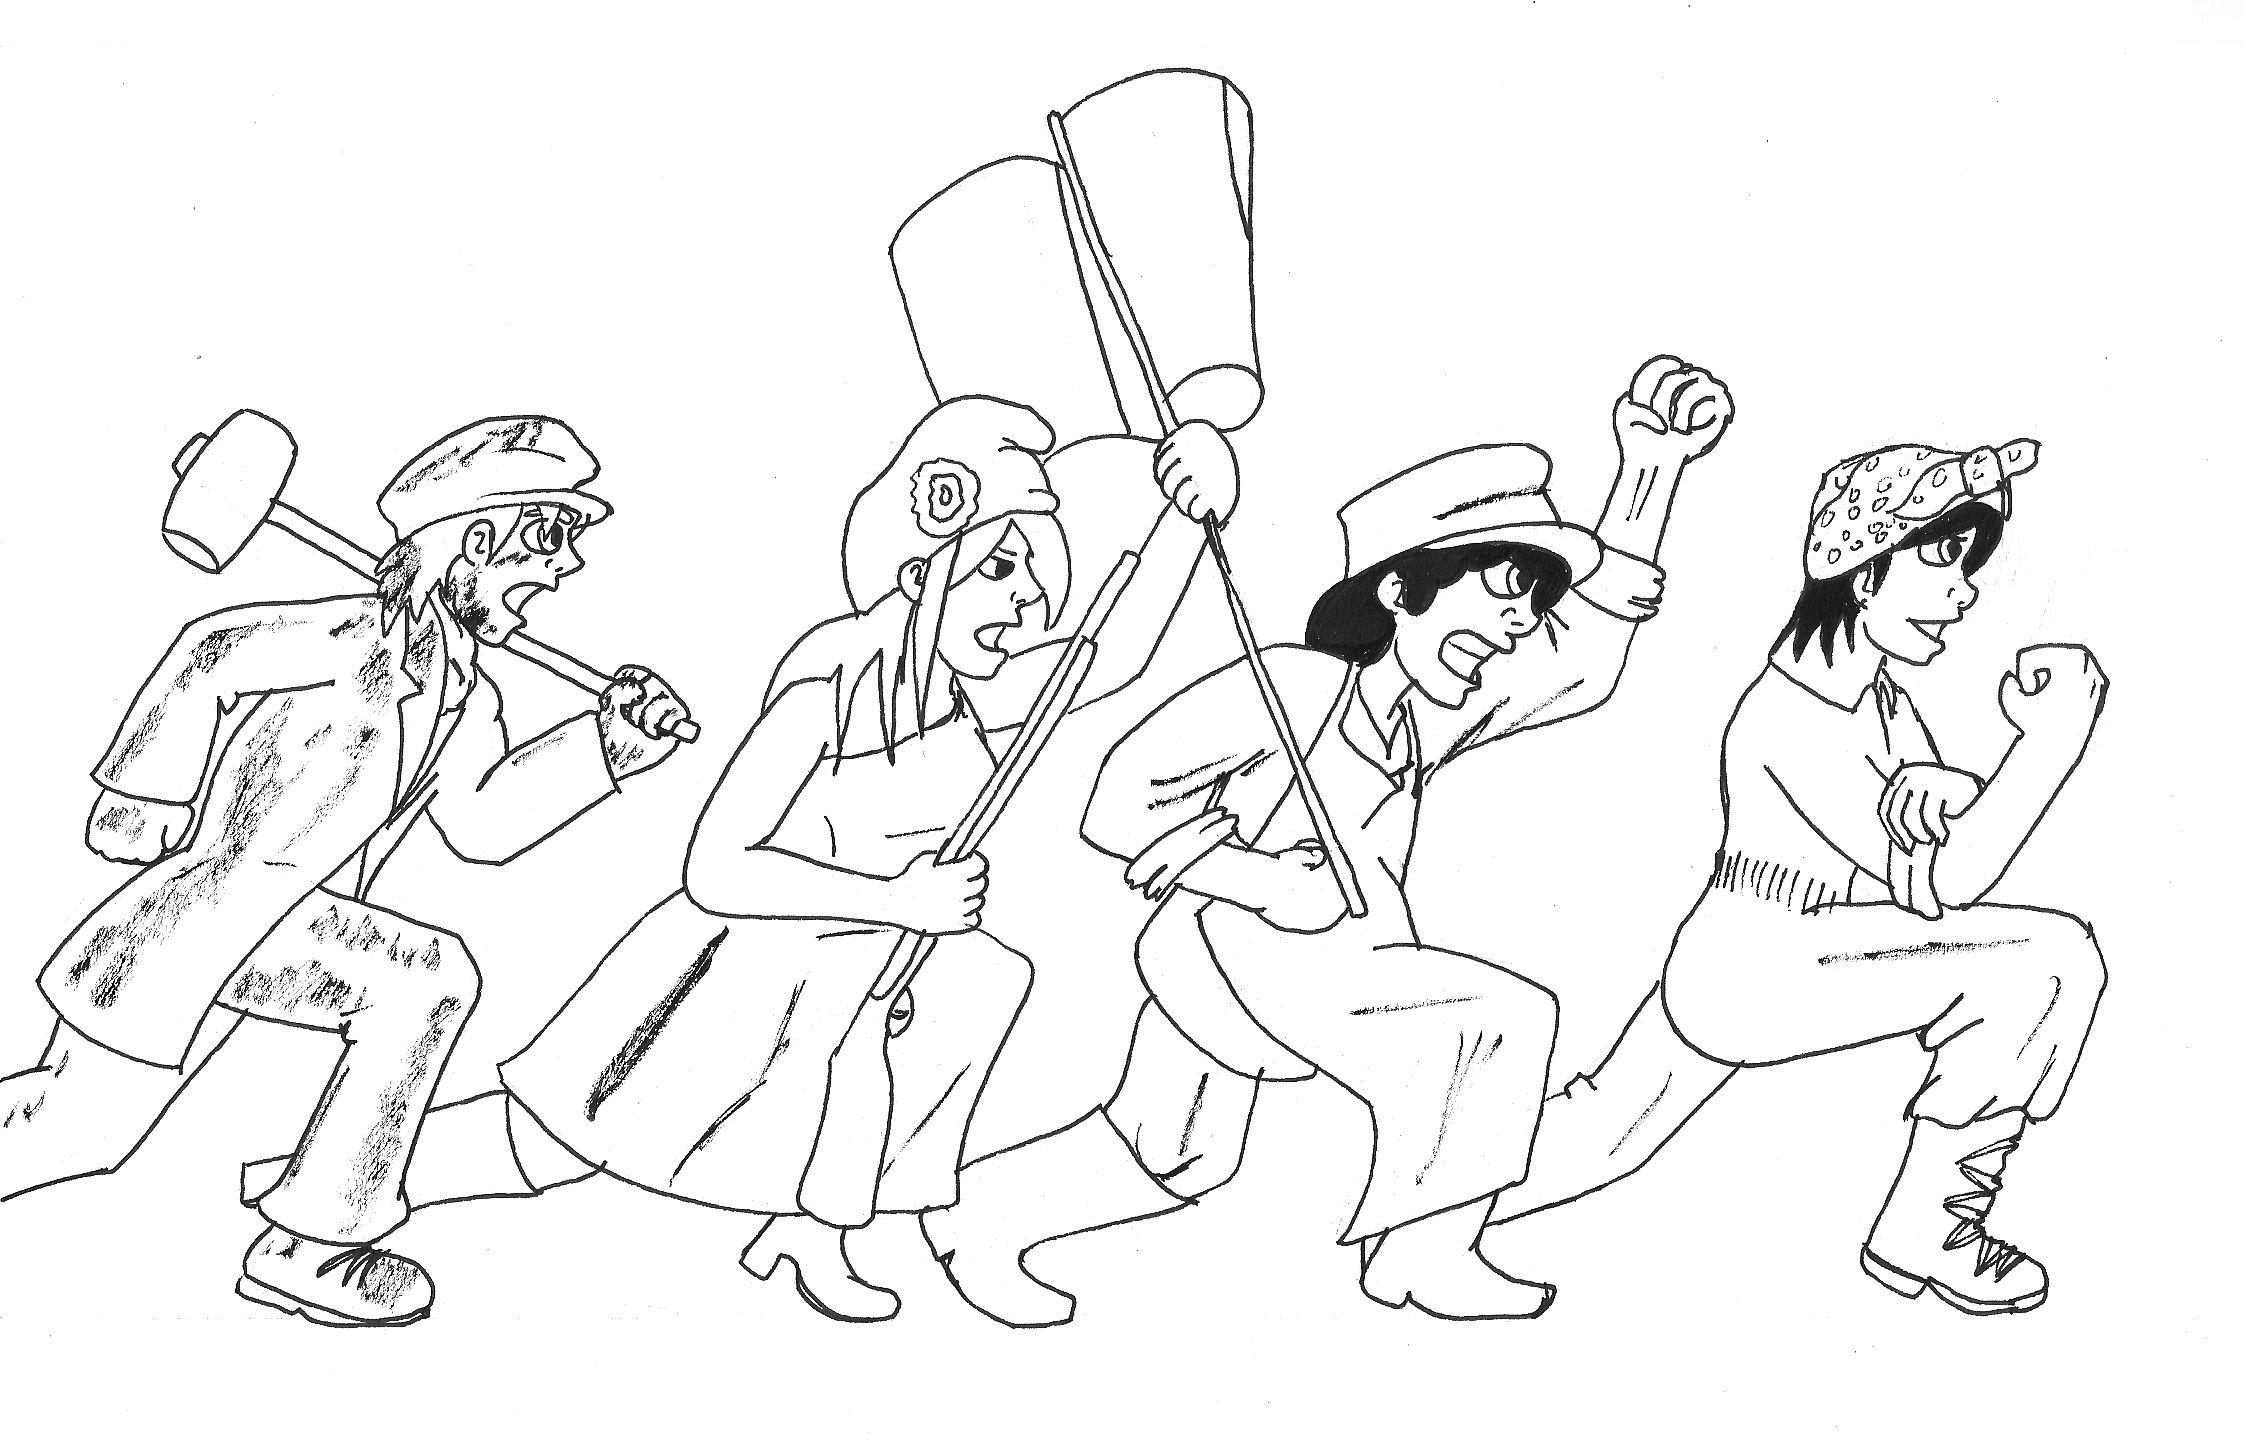 ArtJam julio-agosto 2013 - Mixto V El art jam revolucionario de verano de 2013. Este no lo coloreé porque verano. Lo mismo cualquier día... Las explicaciones en la galería del cómic.  #comic #webcomic #MixtoV #Vane #Vero #Vinsen #Vito #revolución